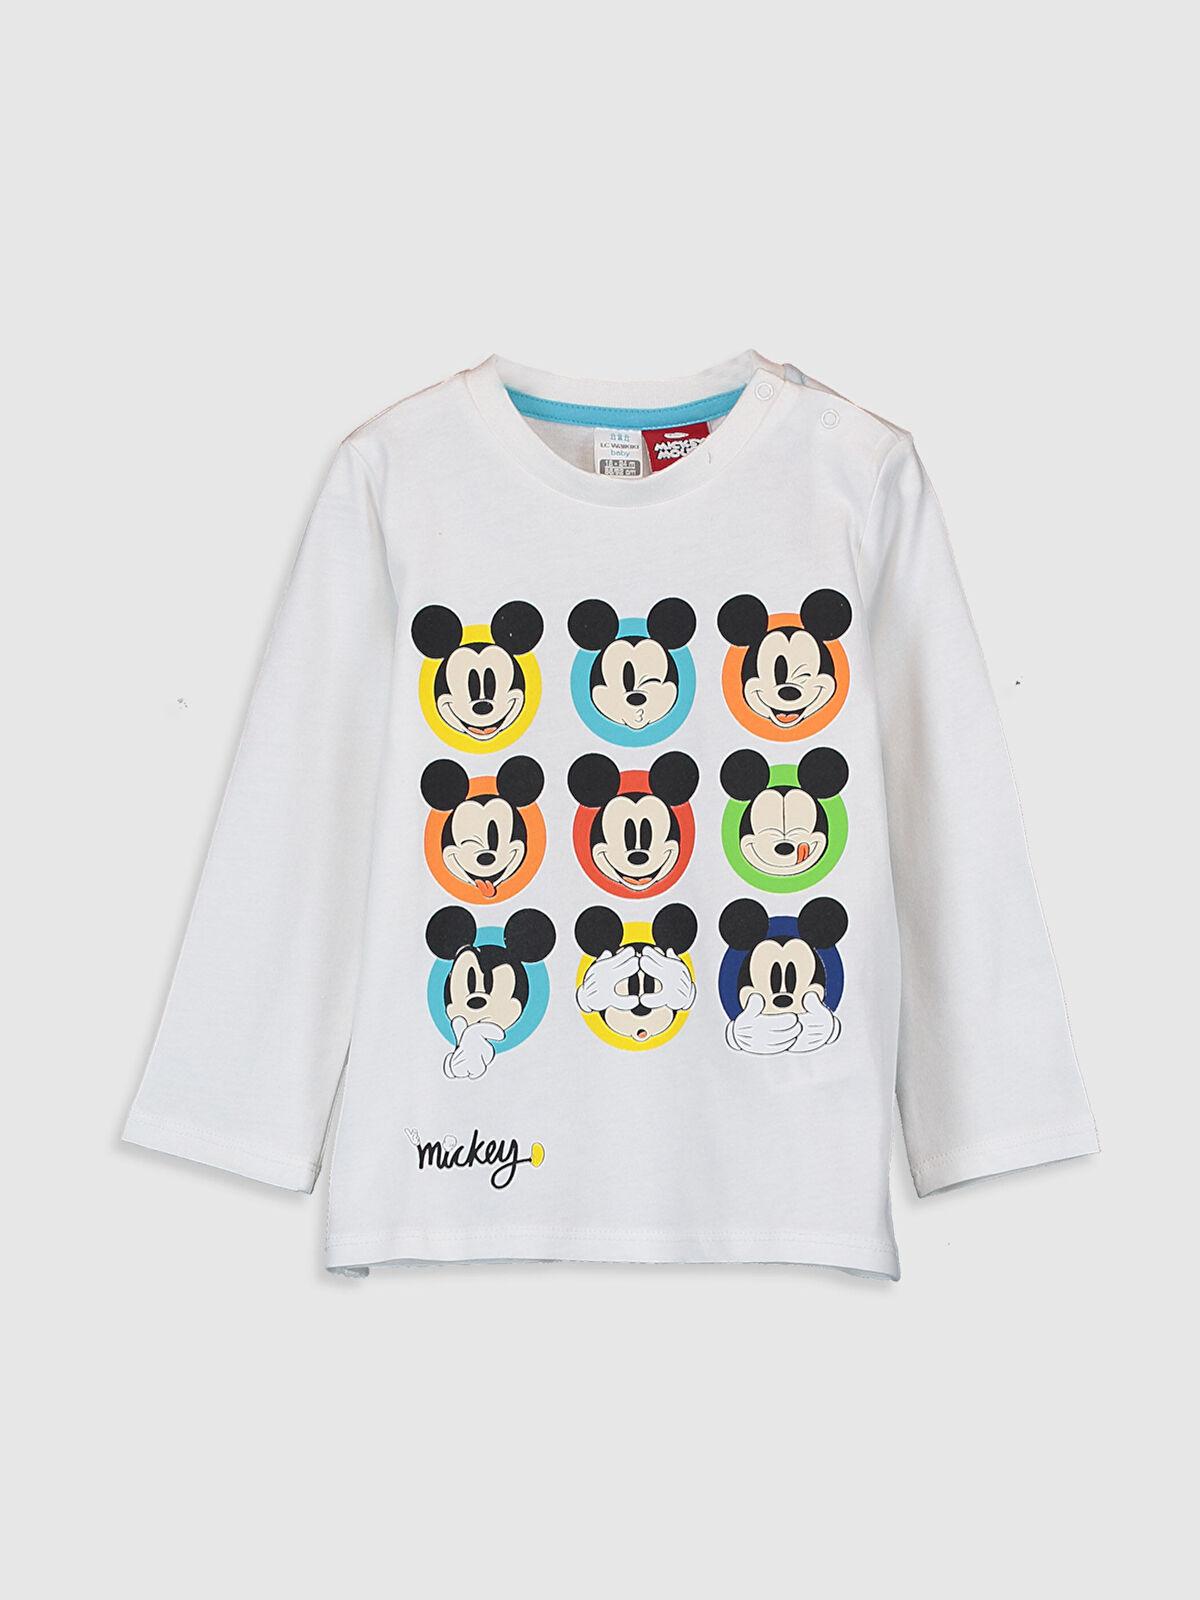 Erkek Bebek Mickey Baskılı Tişört - LC WAIKIKI